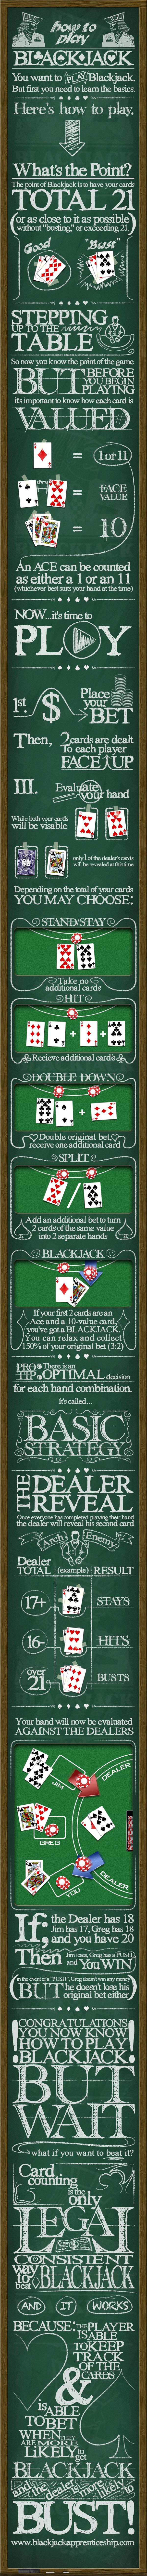 como-jugar-y-ganar-al-blackjack